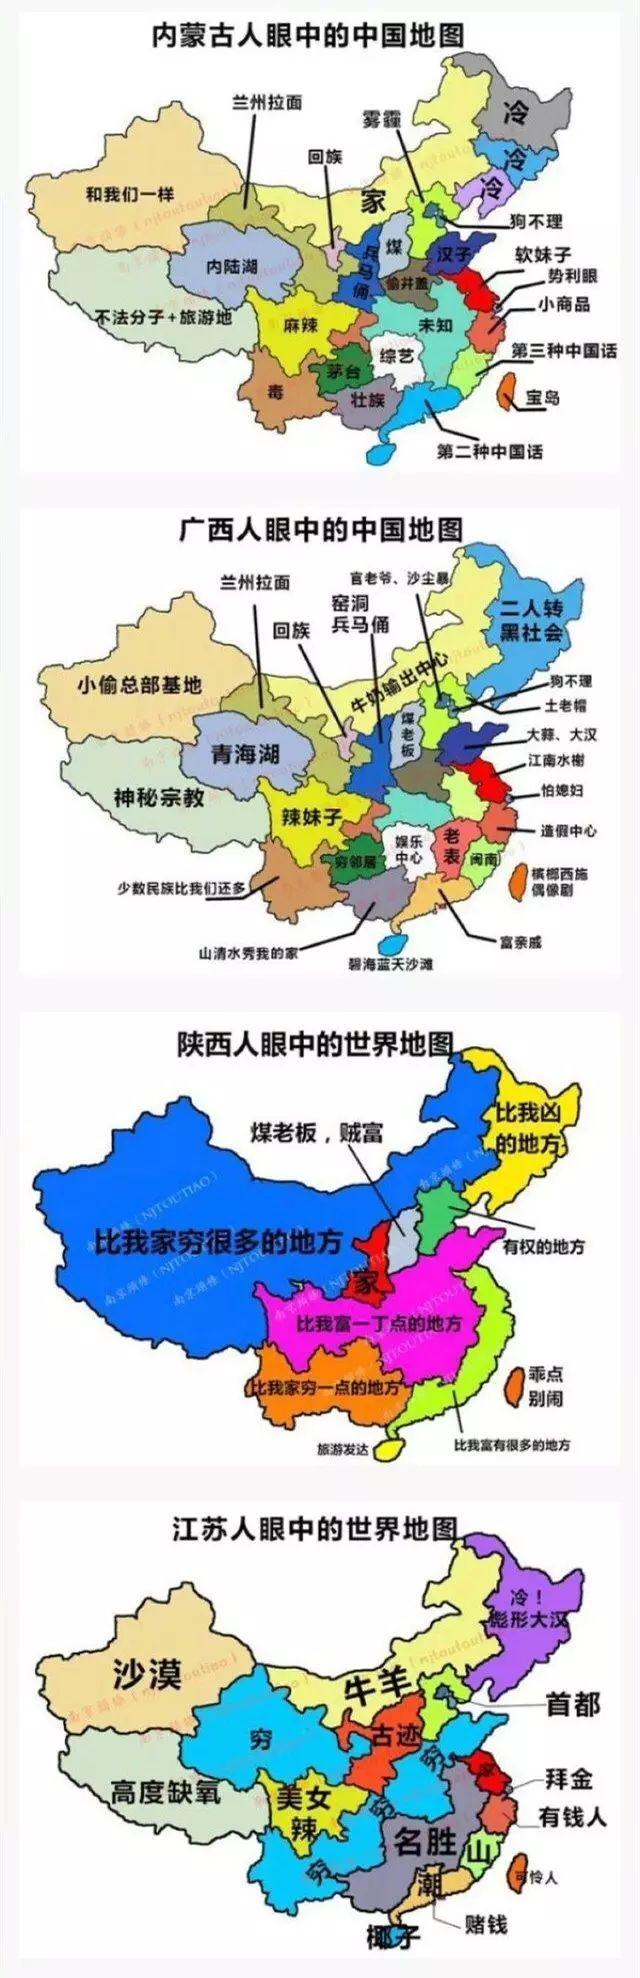 2010年中国各省人口_各省人眼中的中国地图,你家乡被黑了吗?